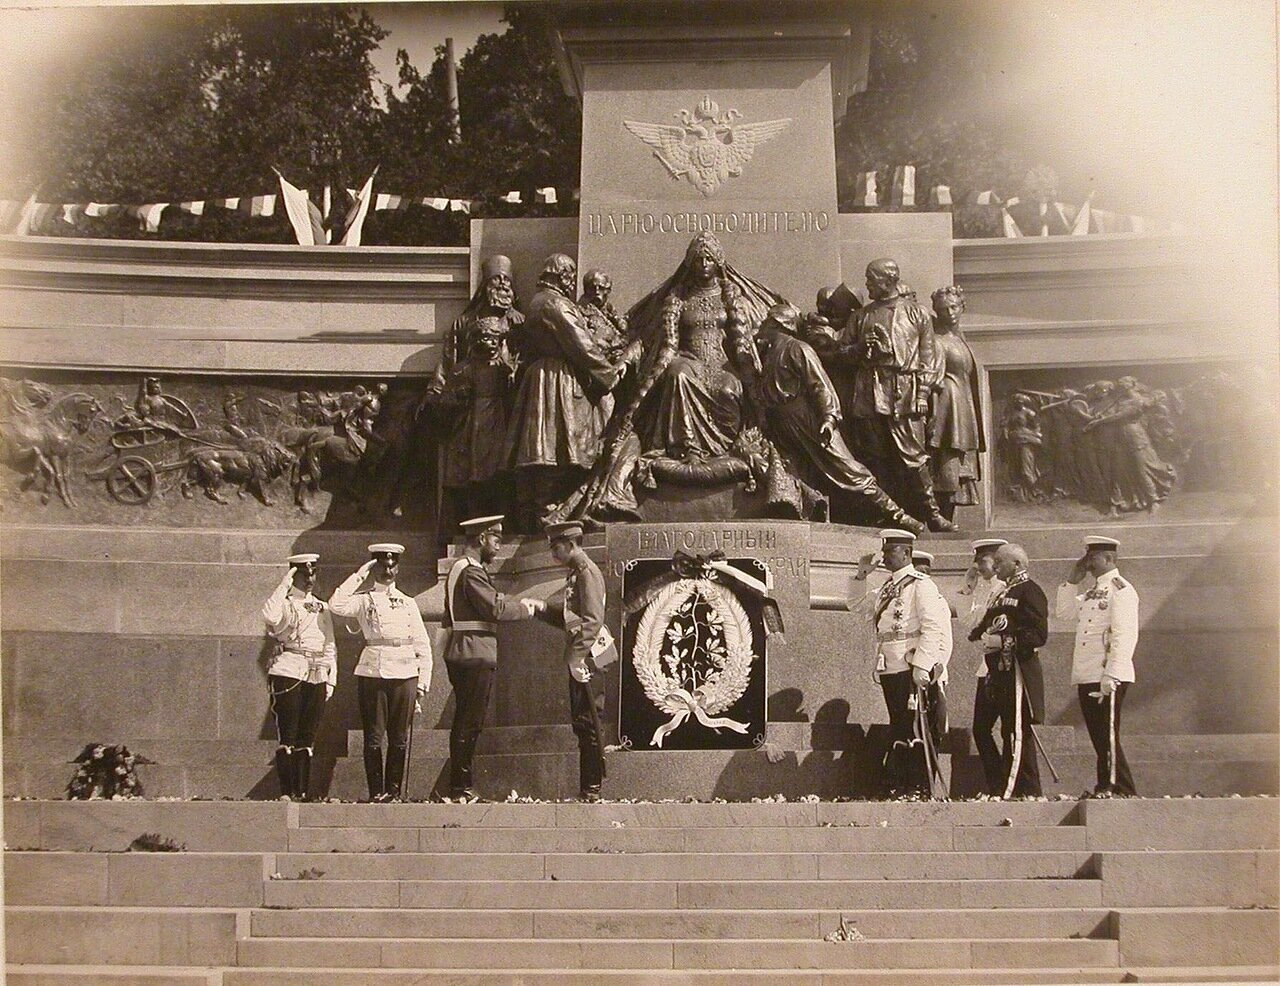 09. Император Николай II приветствует болгарского наследного принца Бориса у памятника императору Александру II